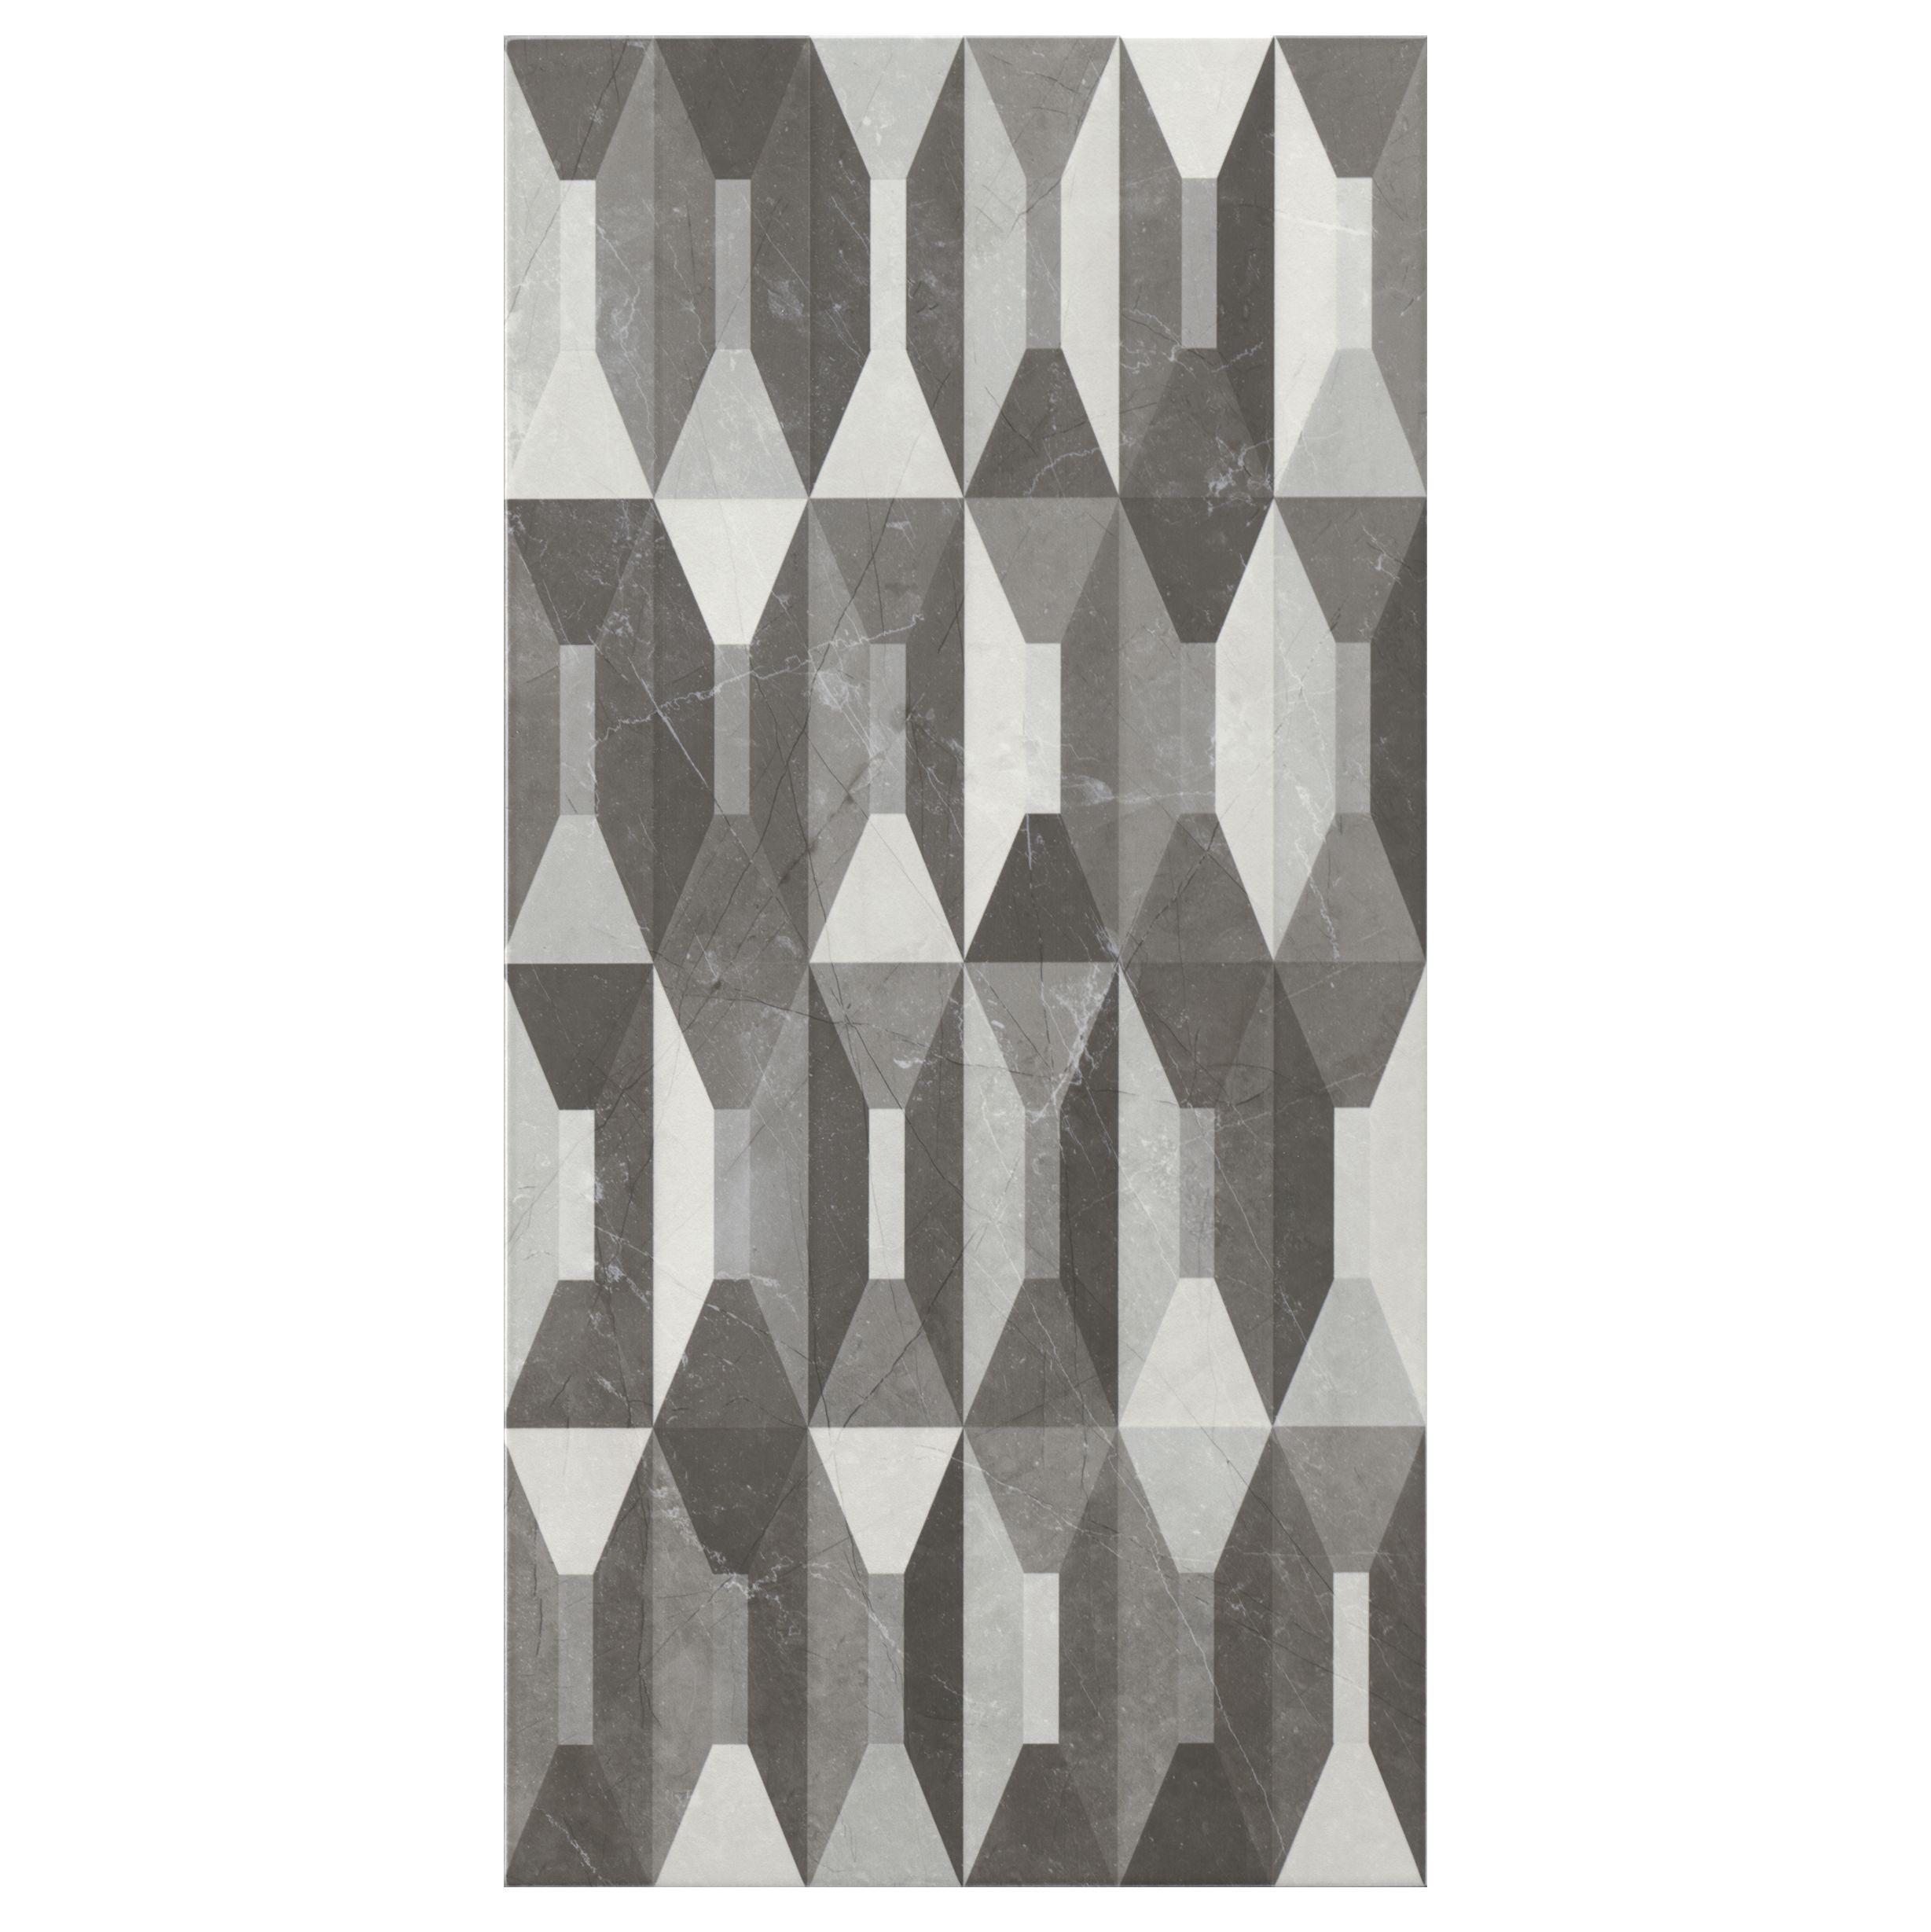 memphis black white gloss harlequin effect ceramic wall tile pack of 5 l 600mm w 300mm